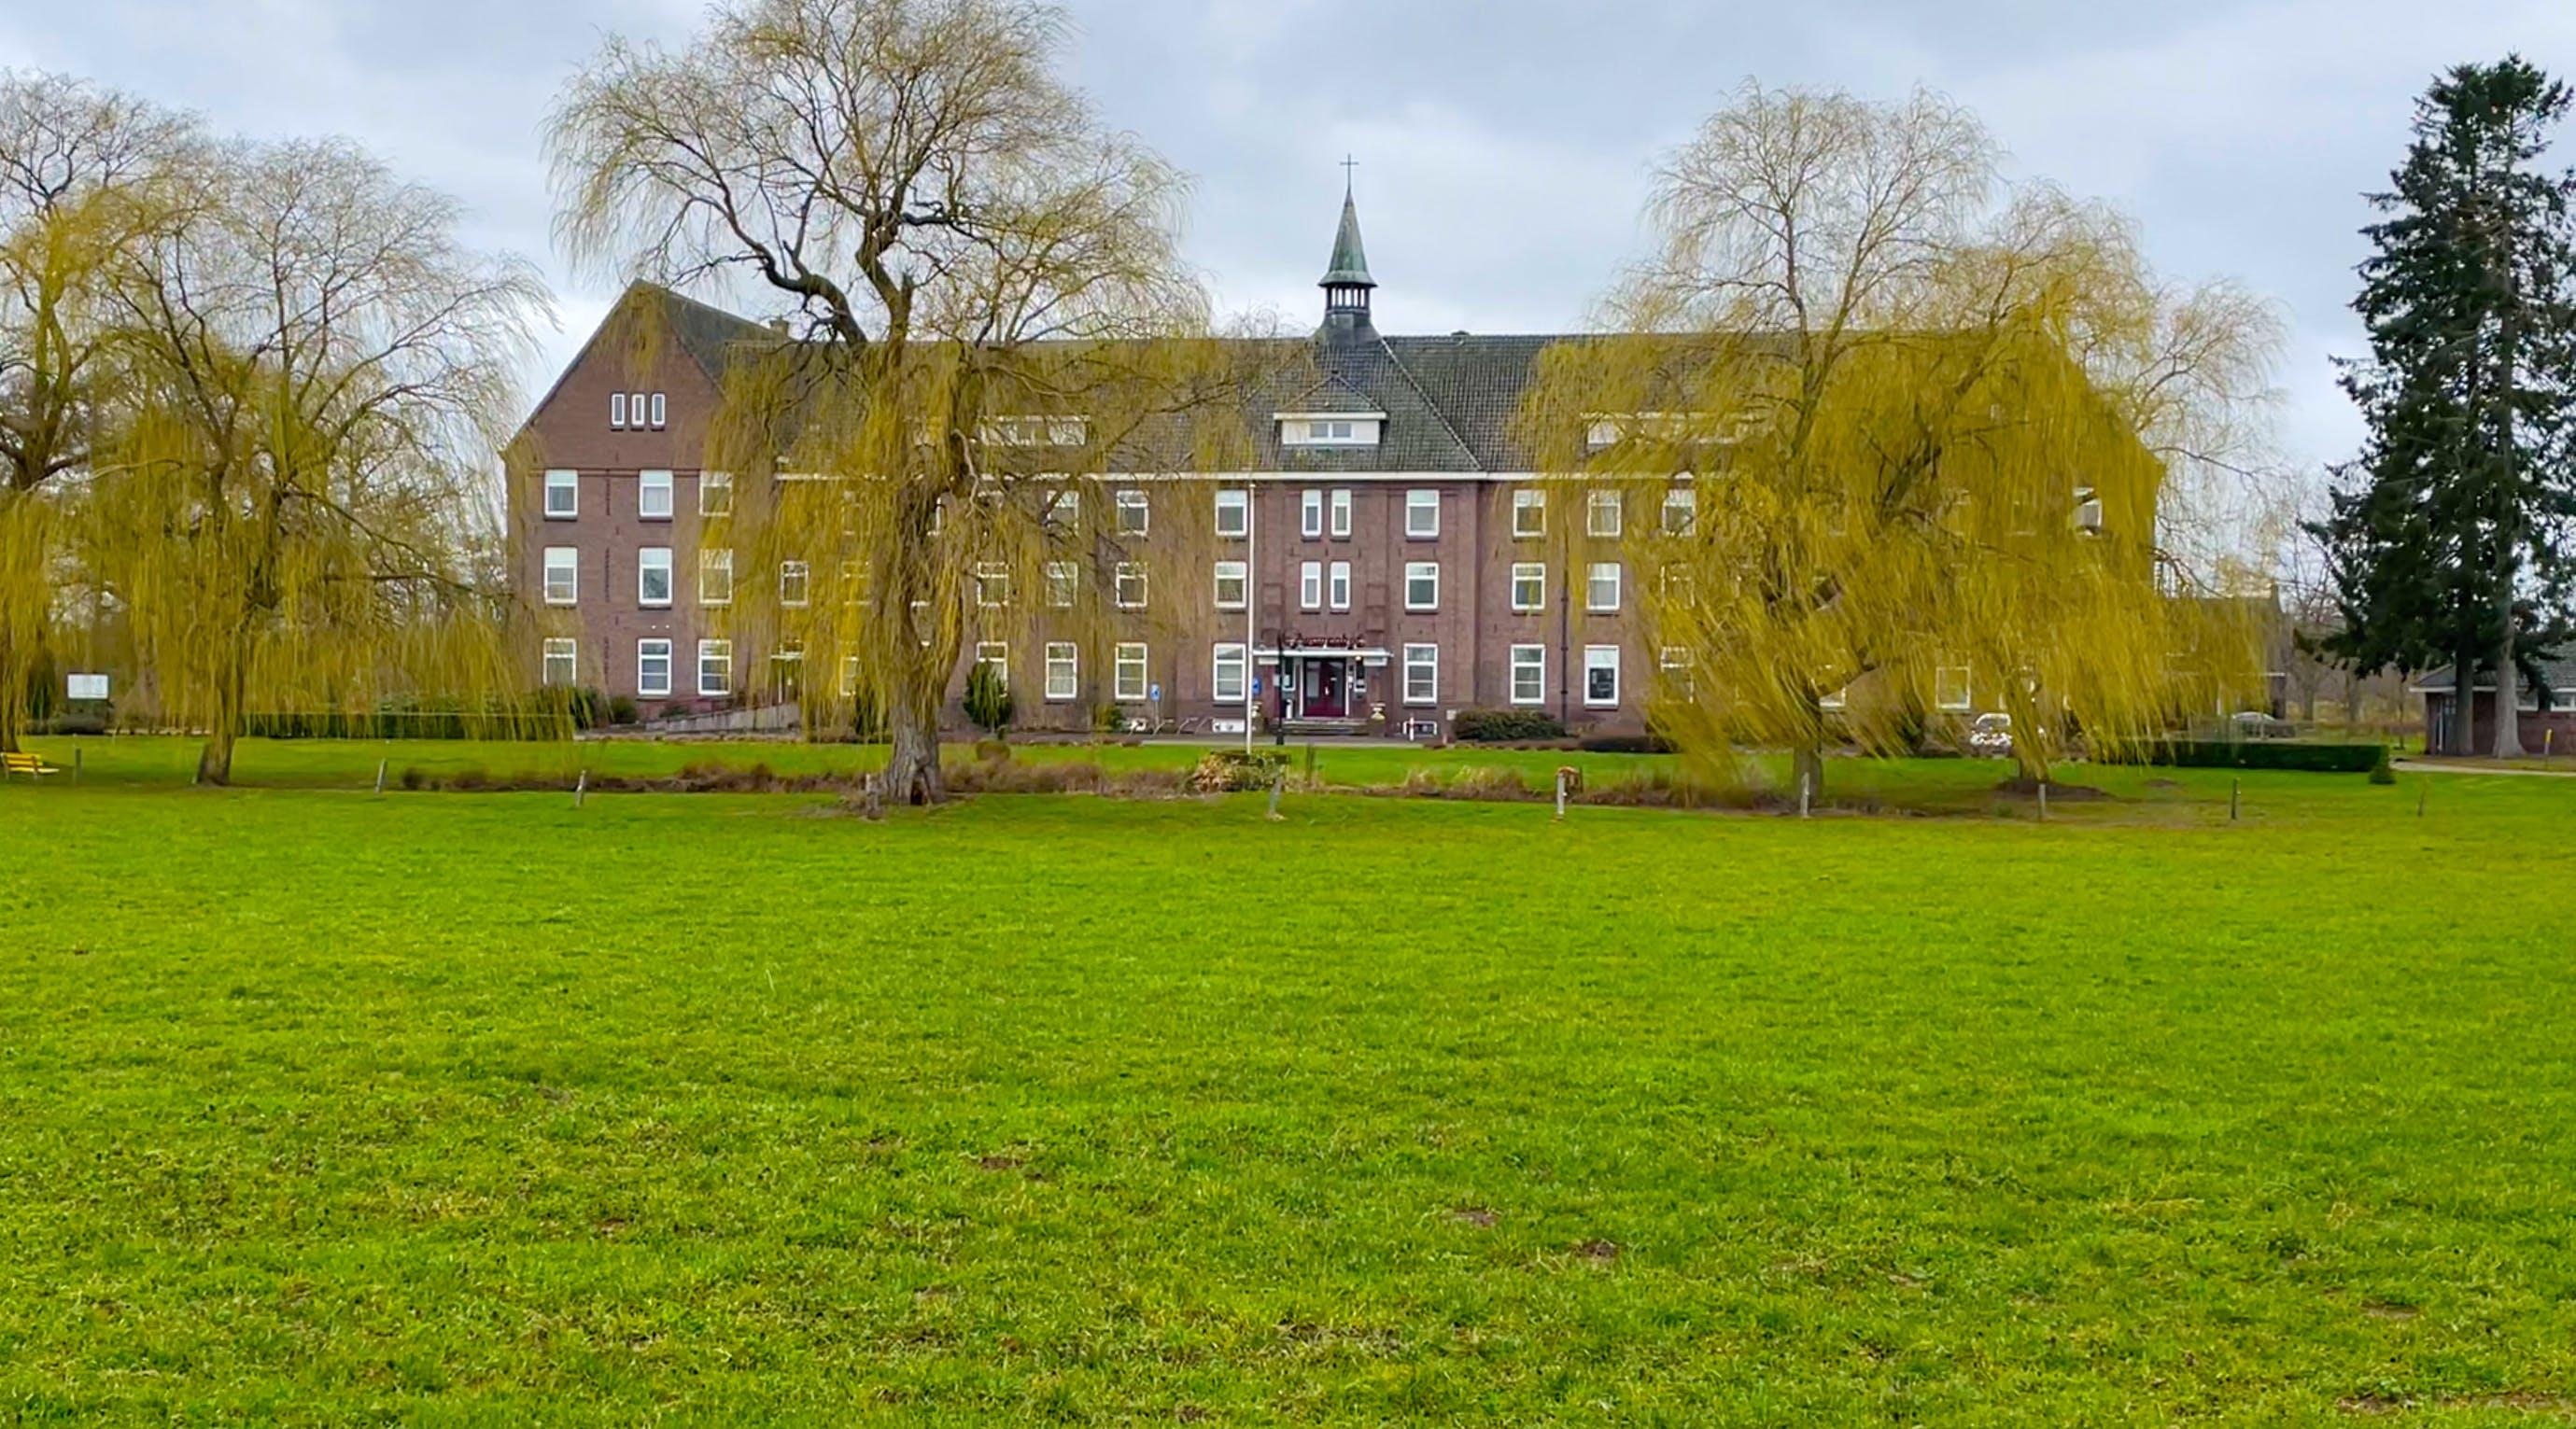 Het gezondheidhuis met prachtig landschap en omgeving